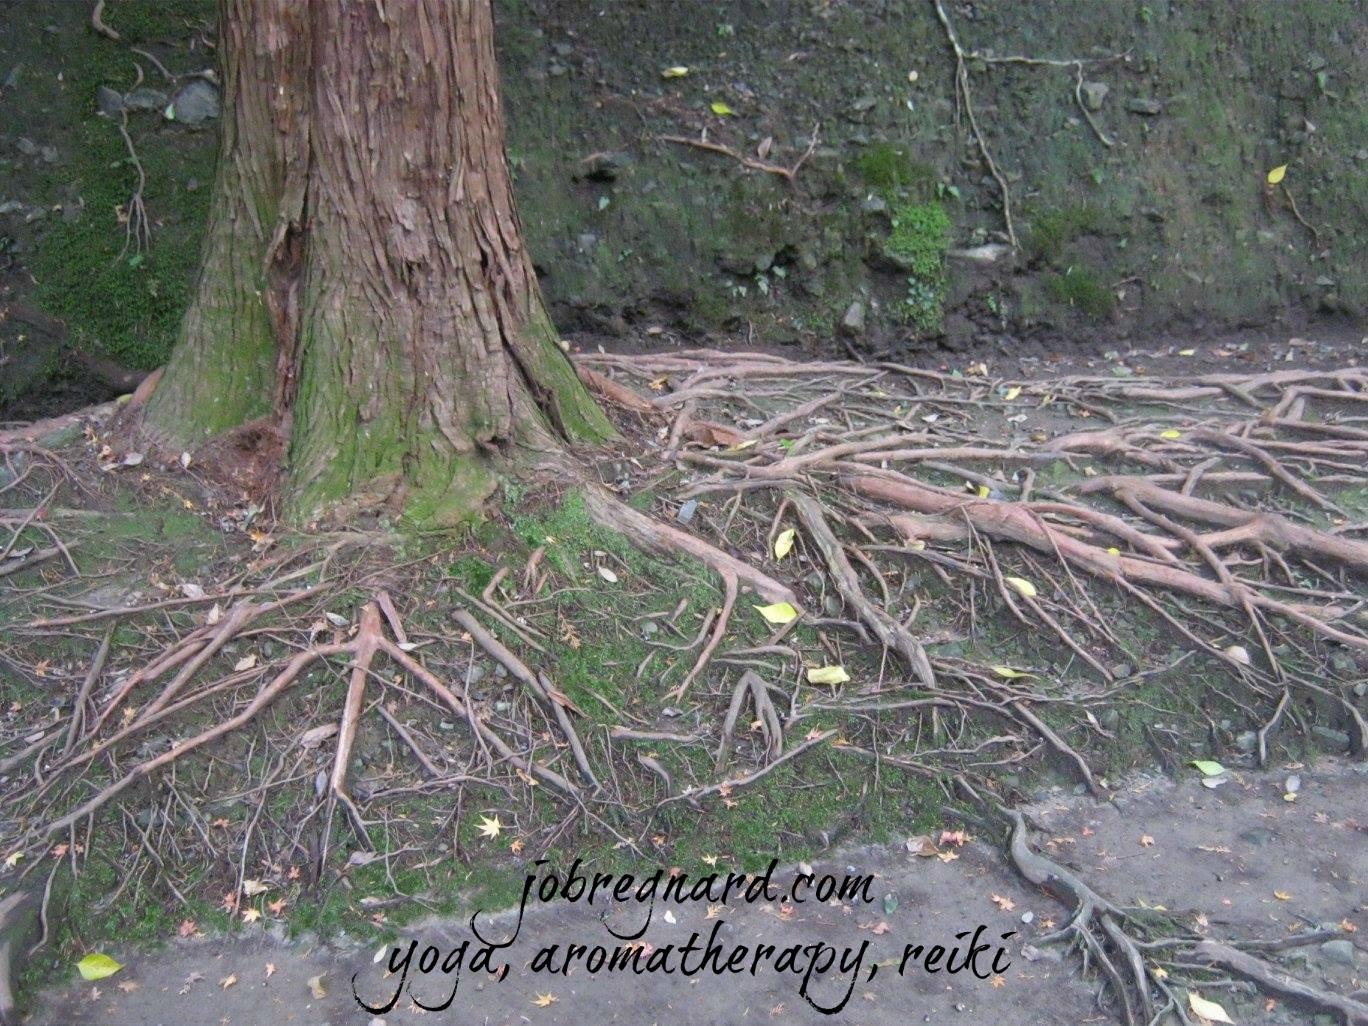 Tree and greenery courtesy of Kyoto, Japan